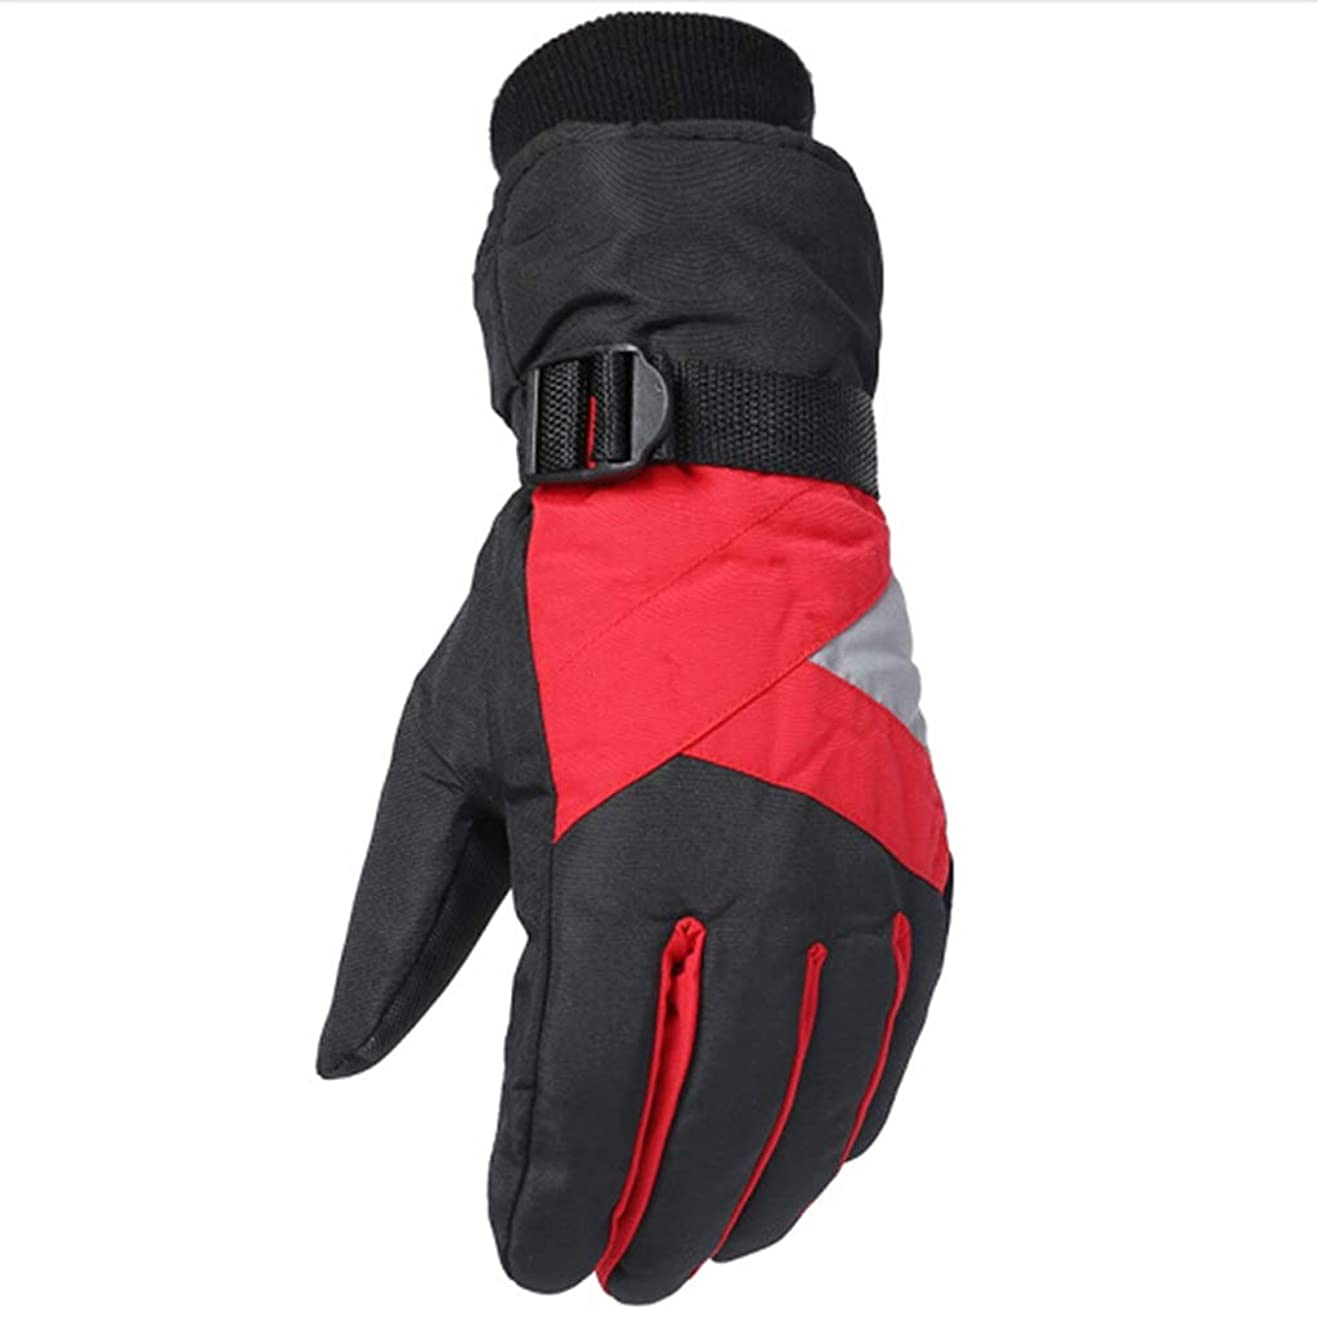 甘味解体する朝ごはん手袋の男性の冬プラスベルベット厚手の暖かいスキーグローブは、凍結防止の登山手袋を運転する (色 : Red)